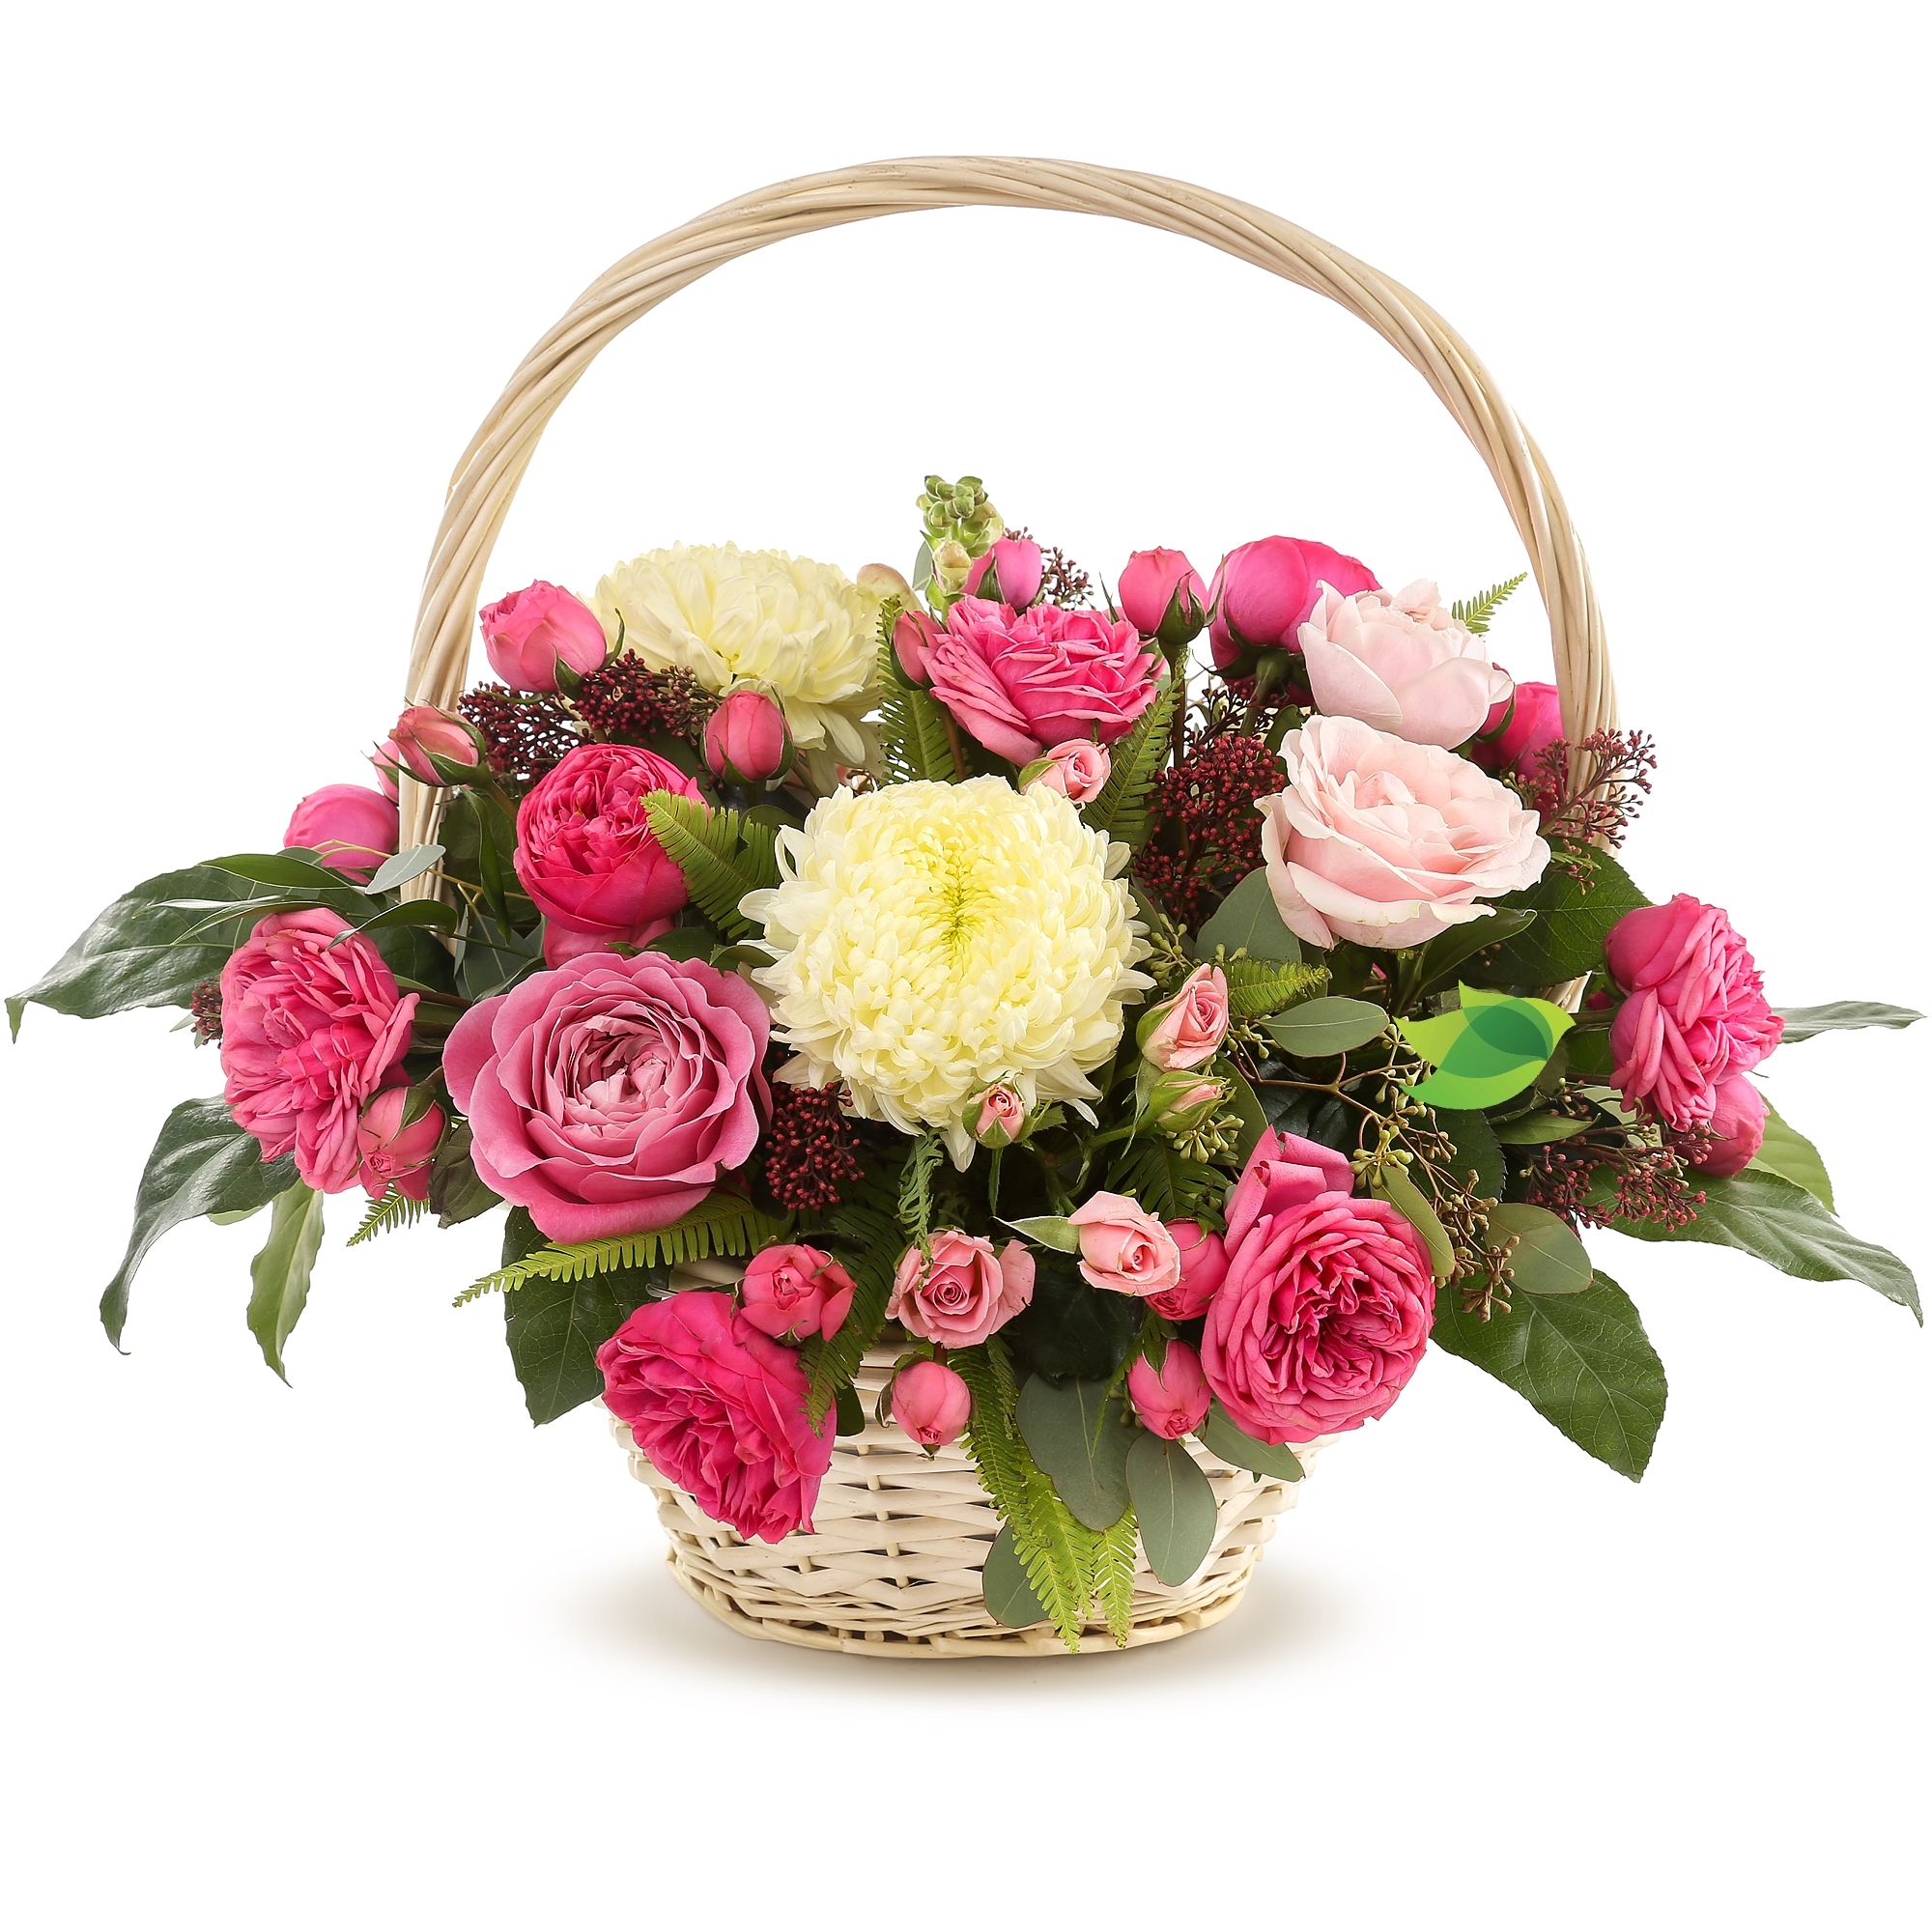 Фото букета: Корзина с розами и хризантемами